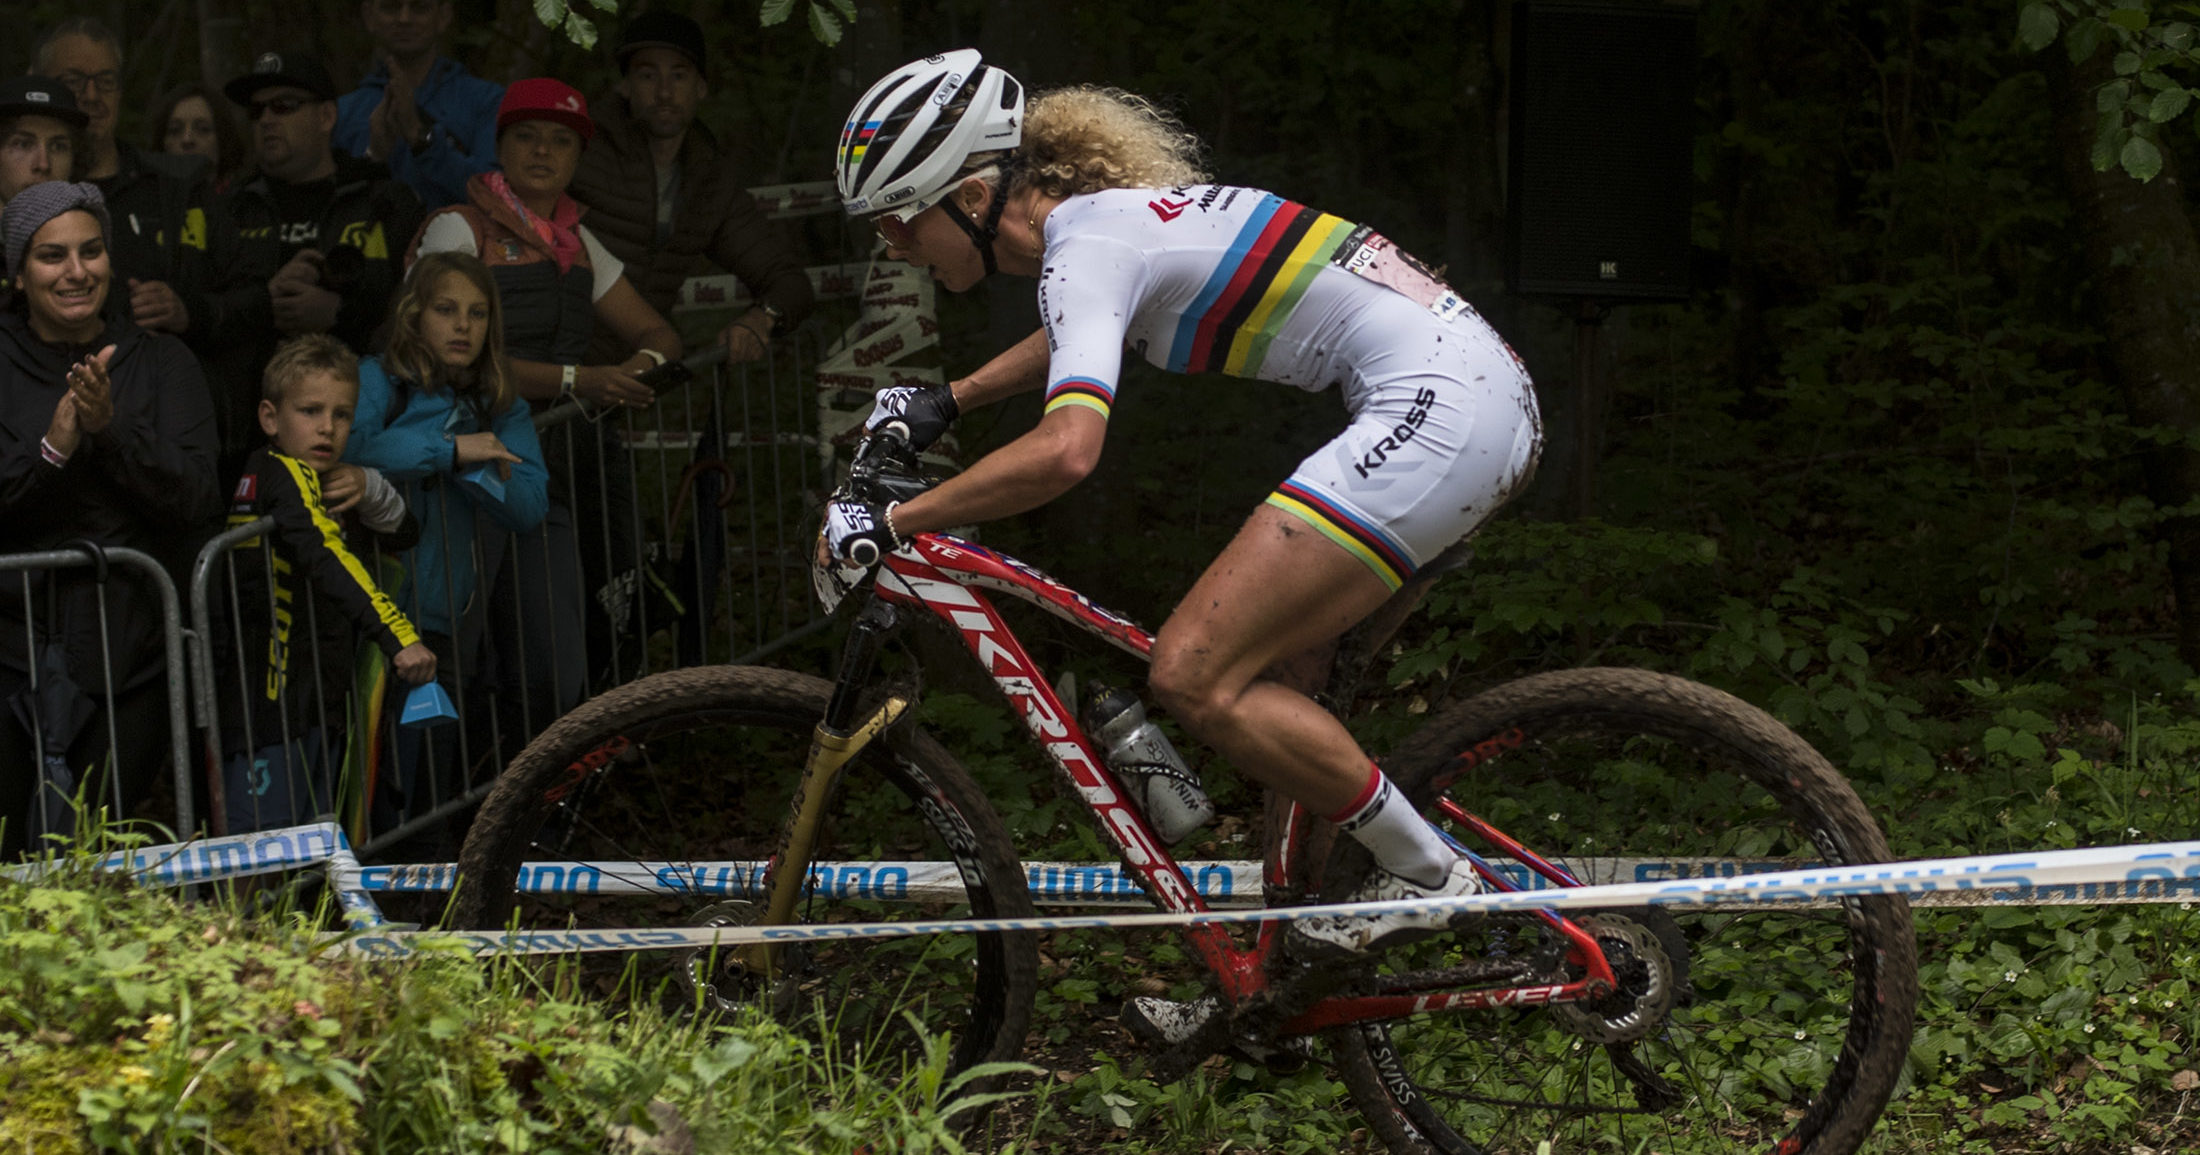 Jolanda Neff wygrywa Puchar Świata w Albstadt, Maja Włoszczowska siódma